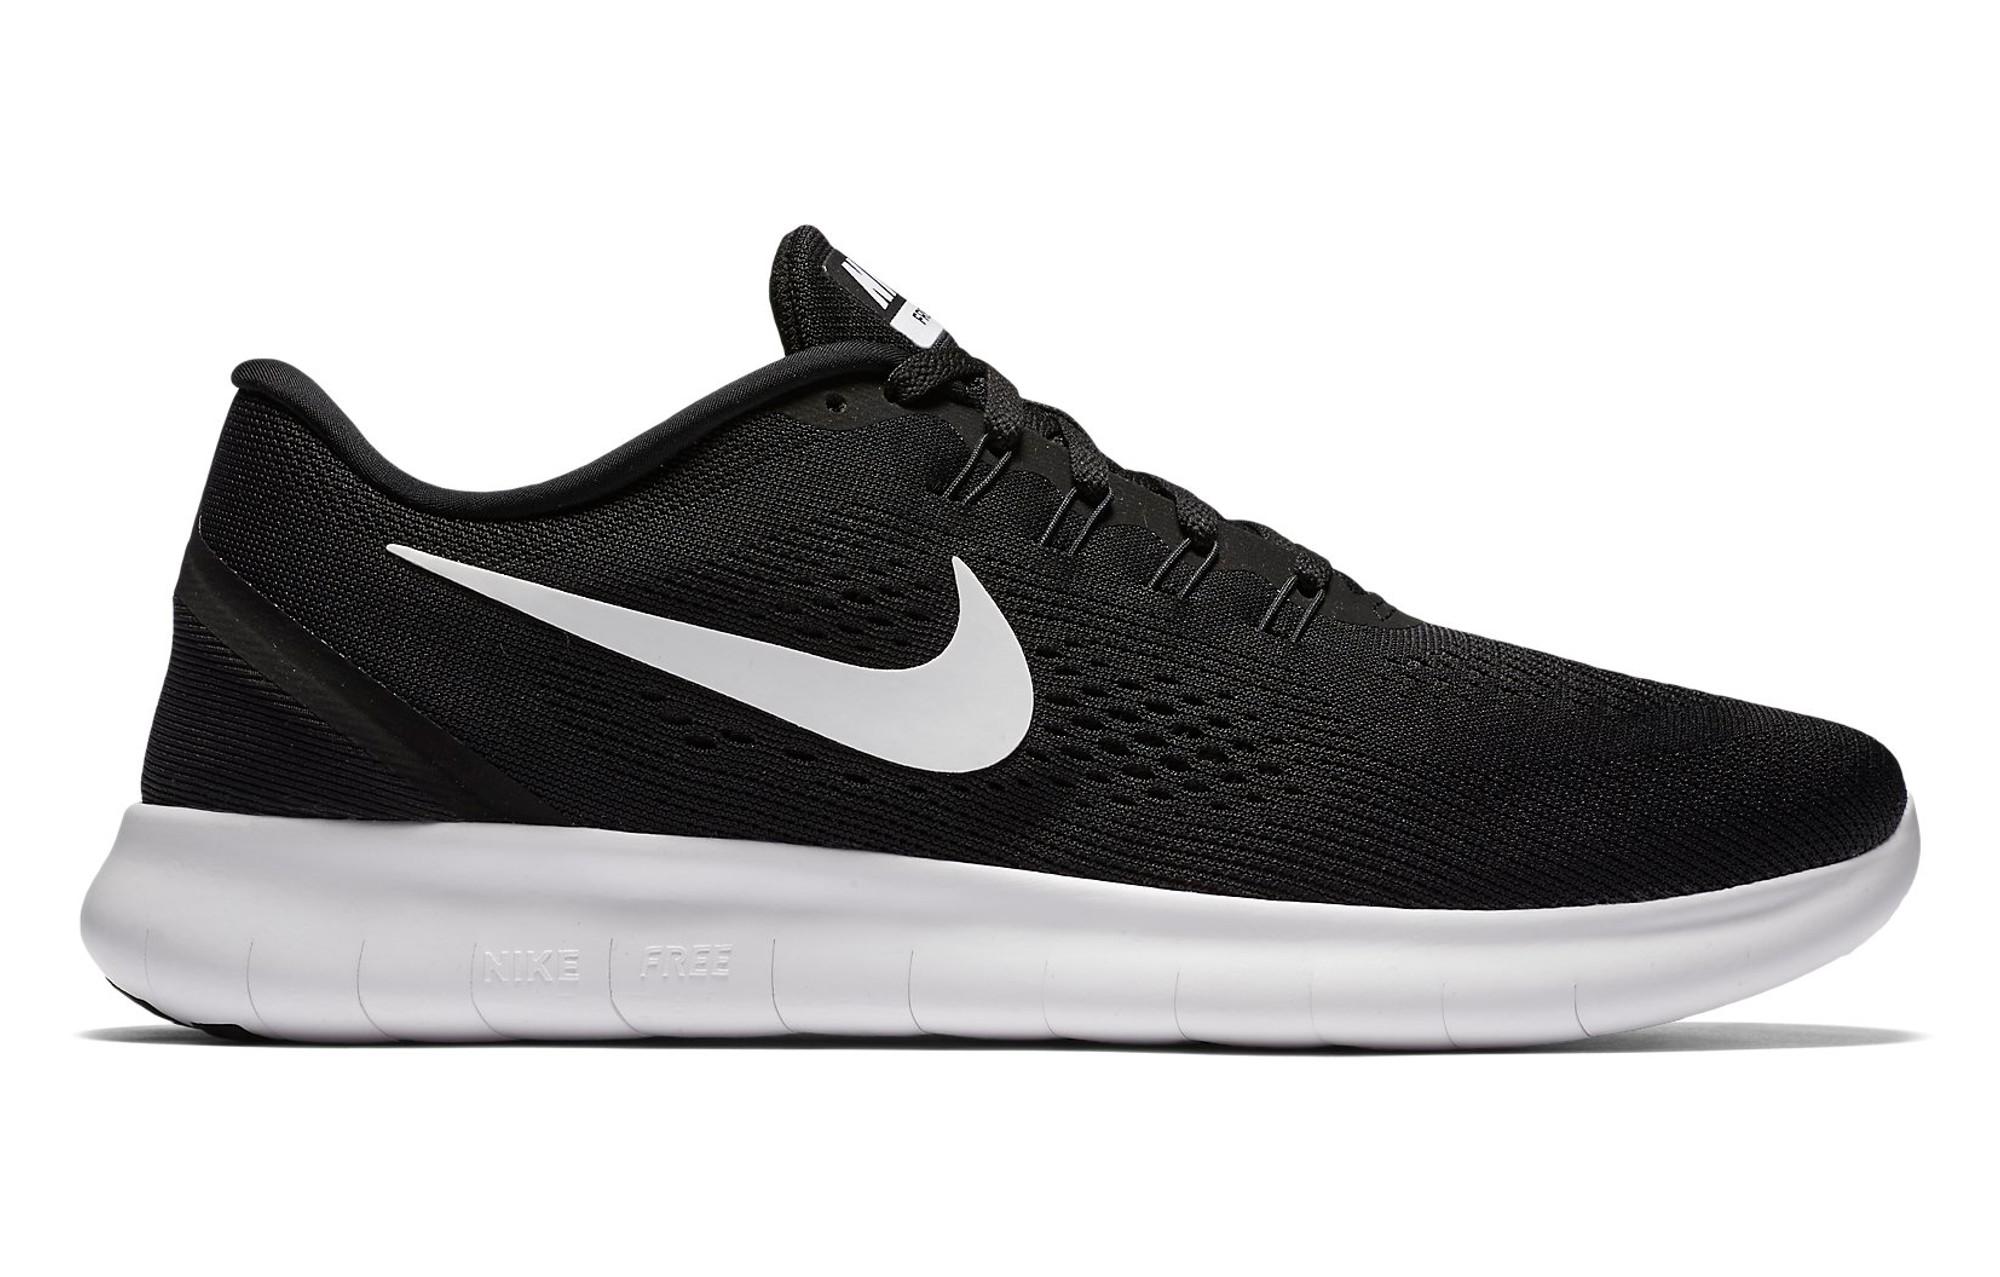 De Running Nike Chaussures Free Noir Rn cTl13FKJ